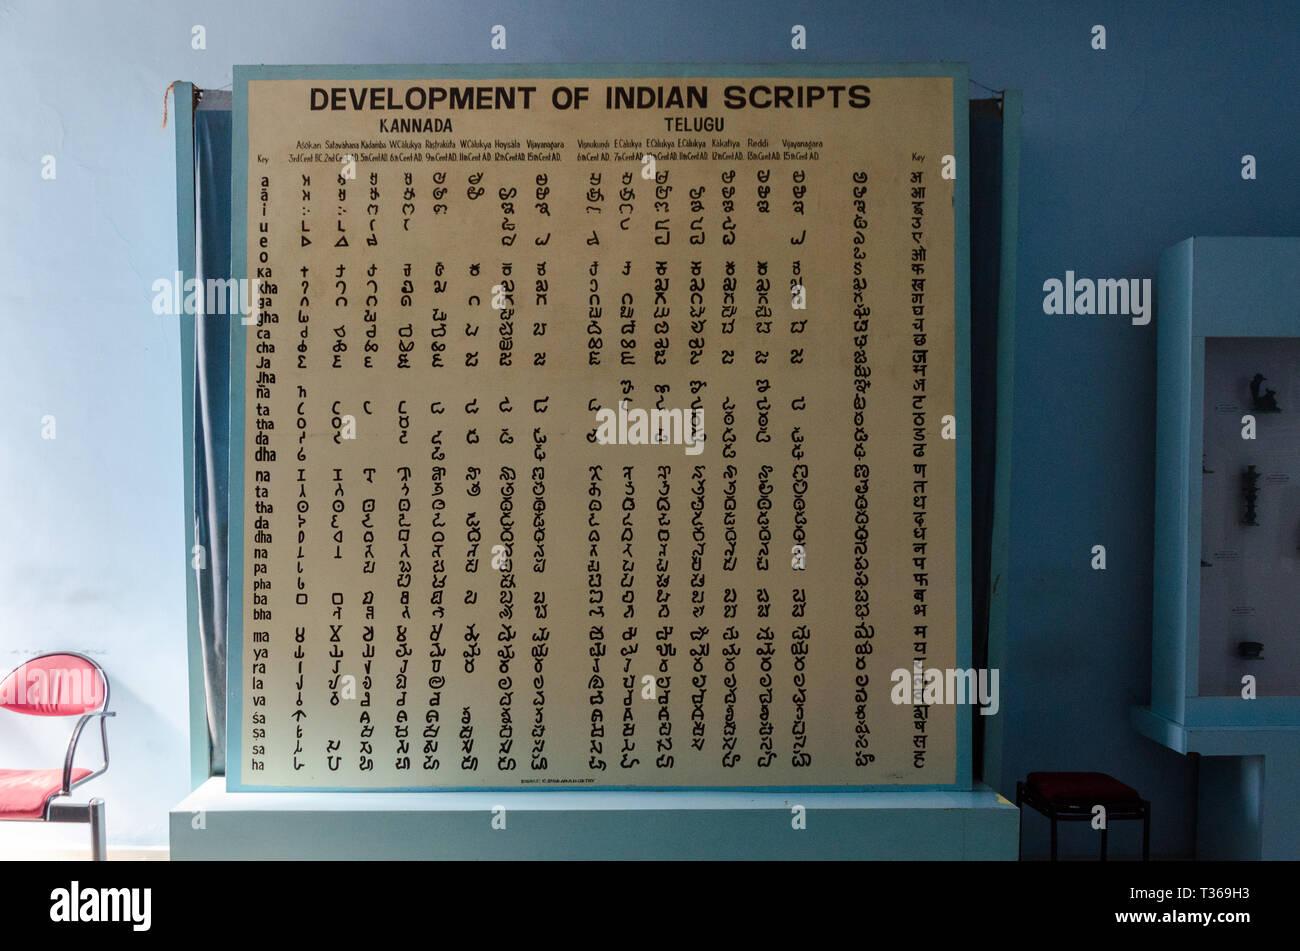 Telugu Stock Photos & Telugu Stock Images - Alamy